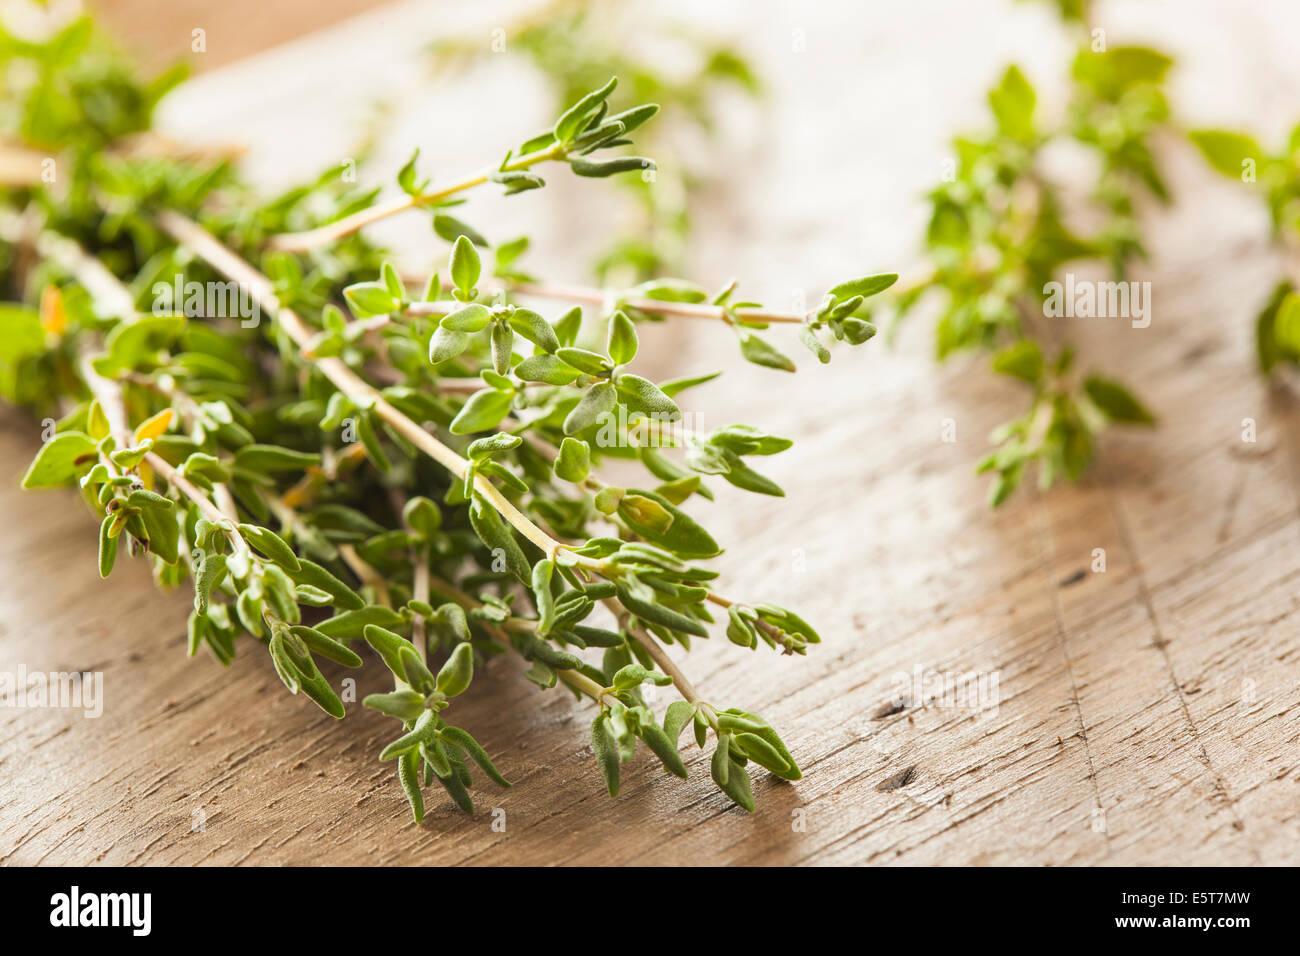 Rohe Bio grüne Thymian in einem Bündel Stockbild